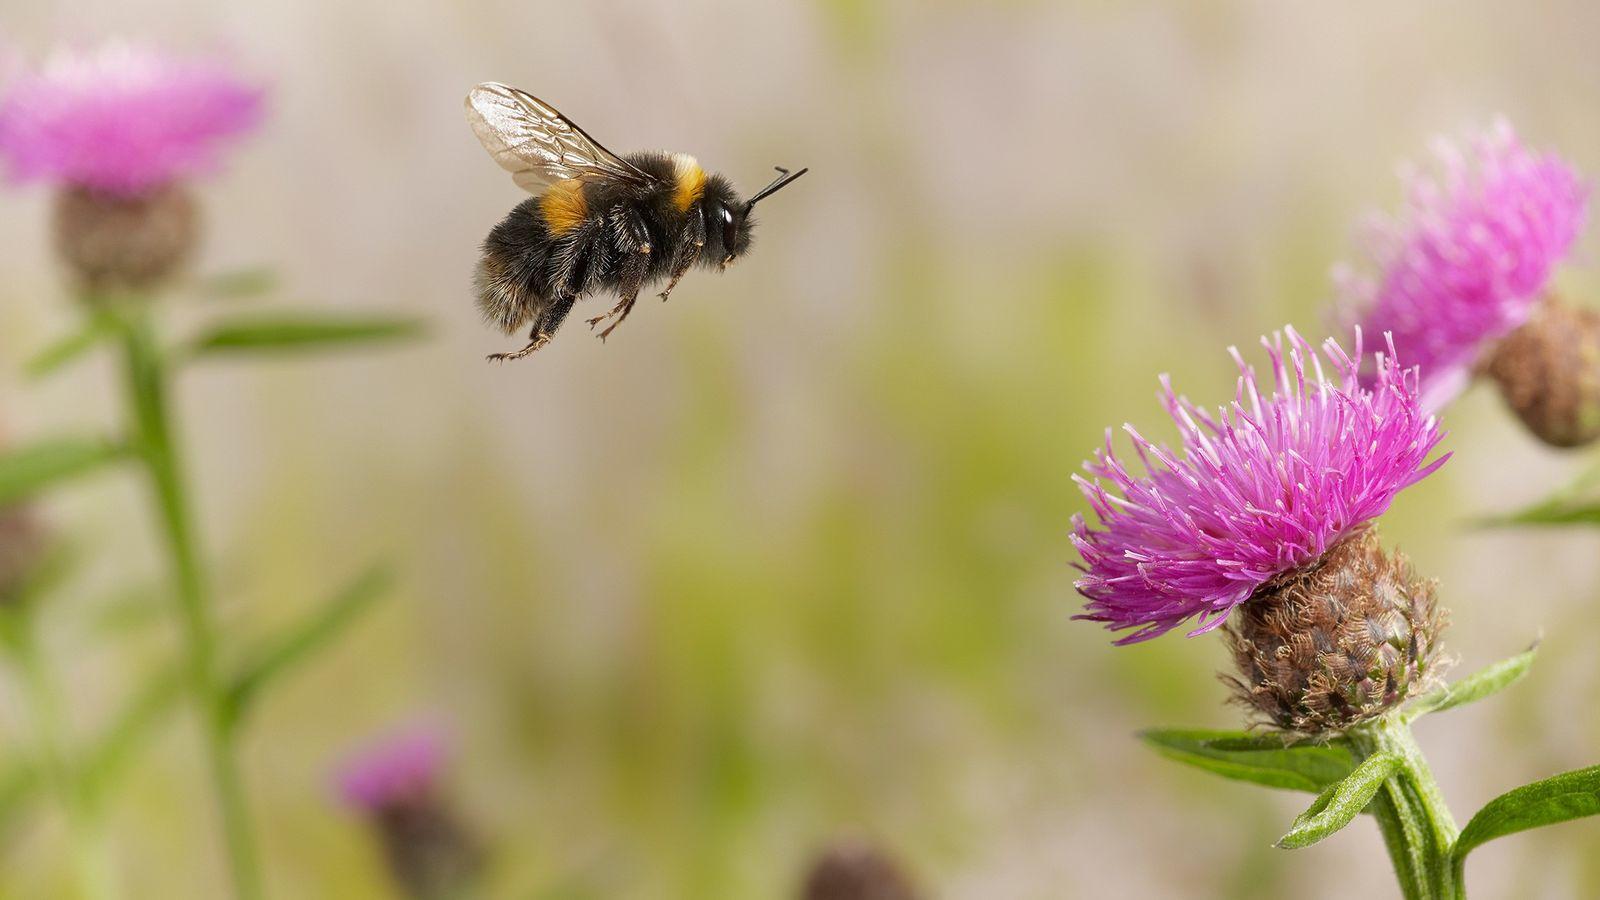 Uma mamangava-de-cauda-amarela-clara entre flores na Inglaterra. Diversas espécies de mamangava estão em declínio devido às mudanças ...